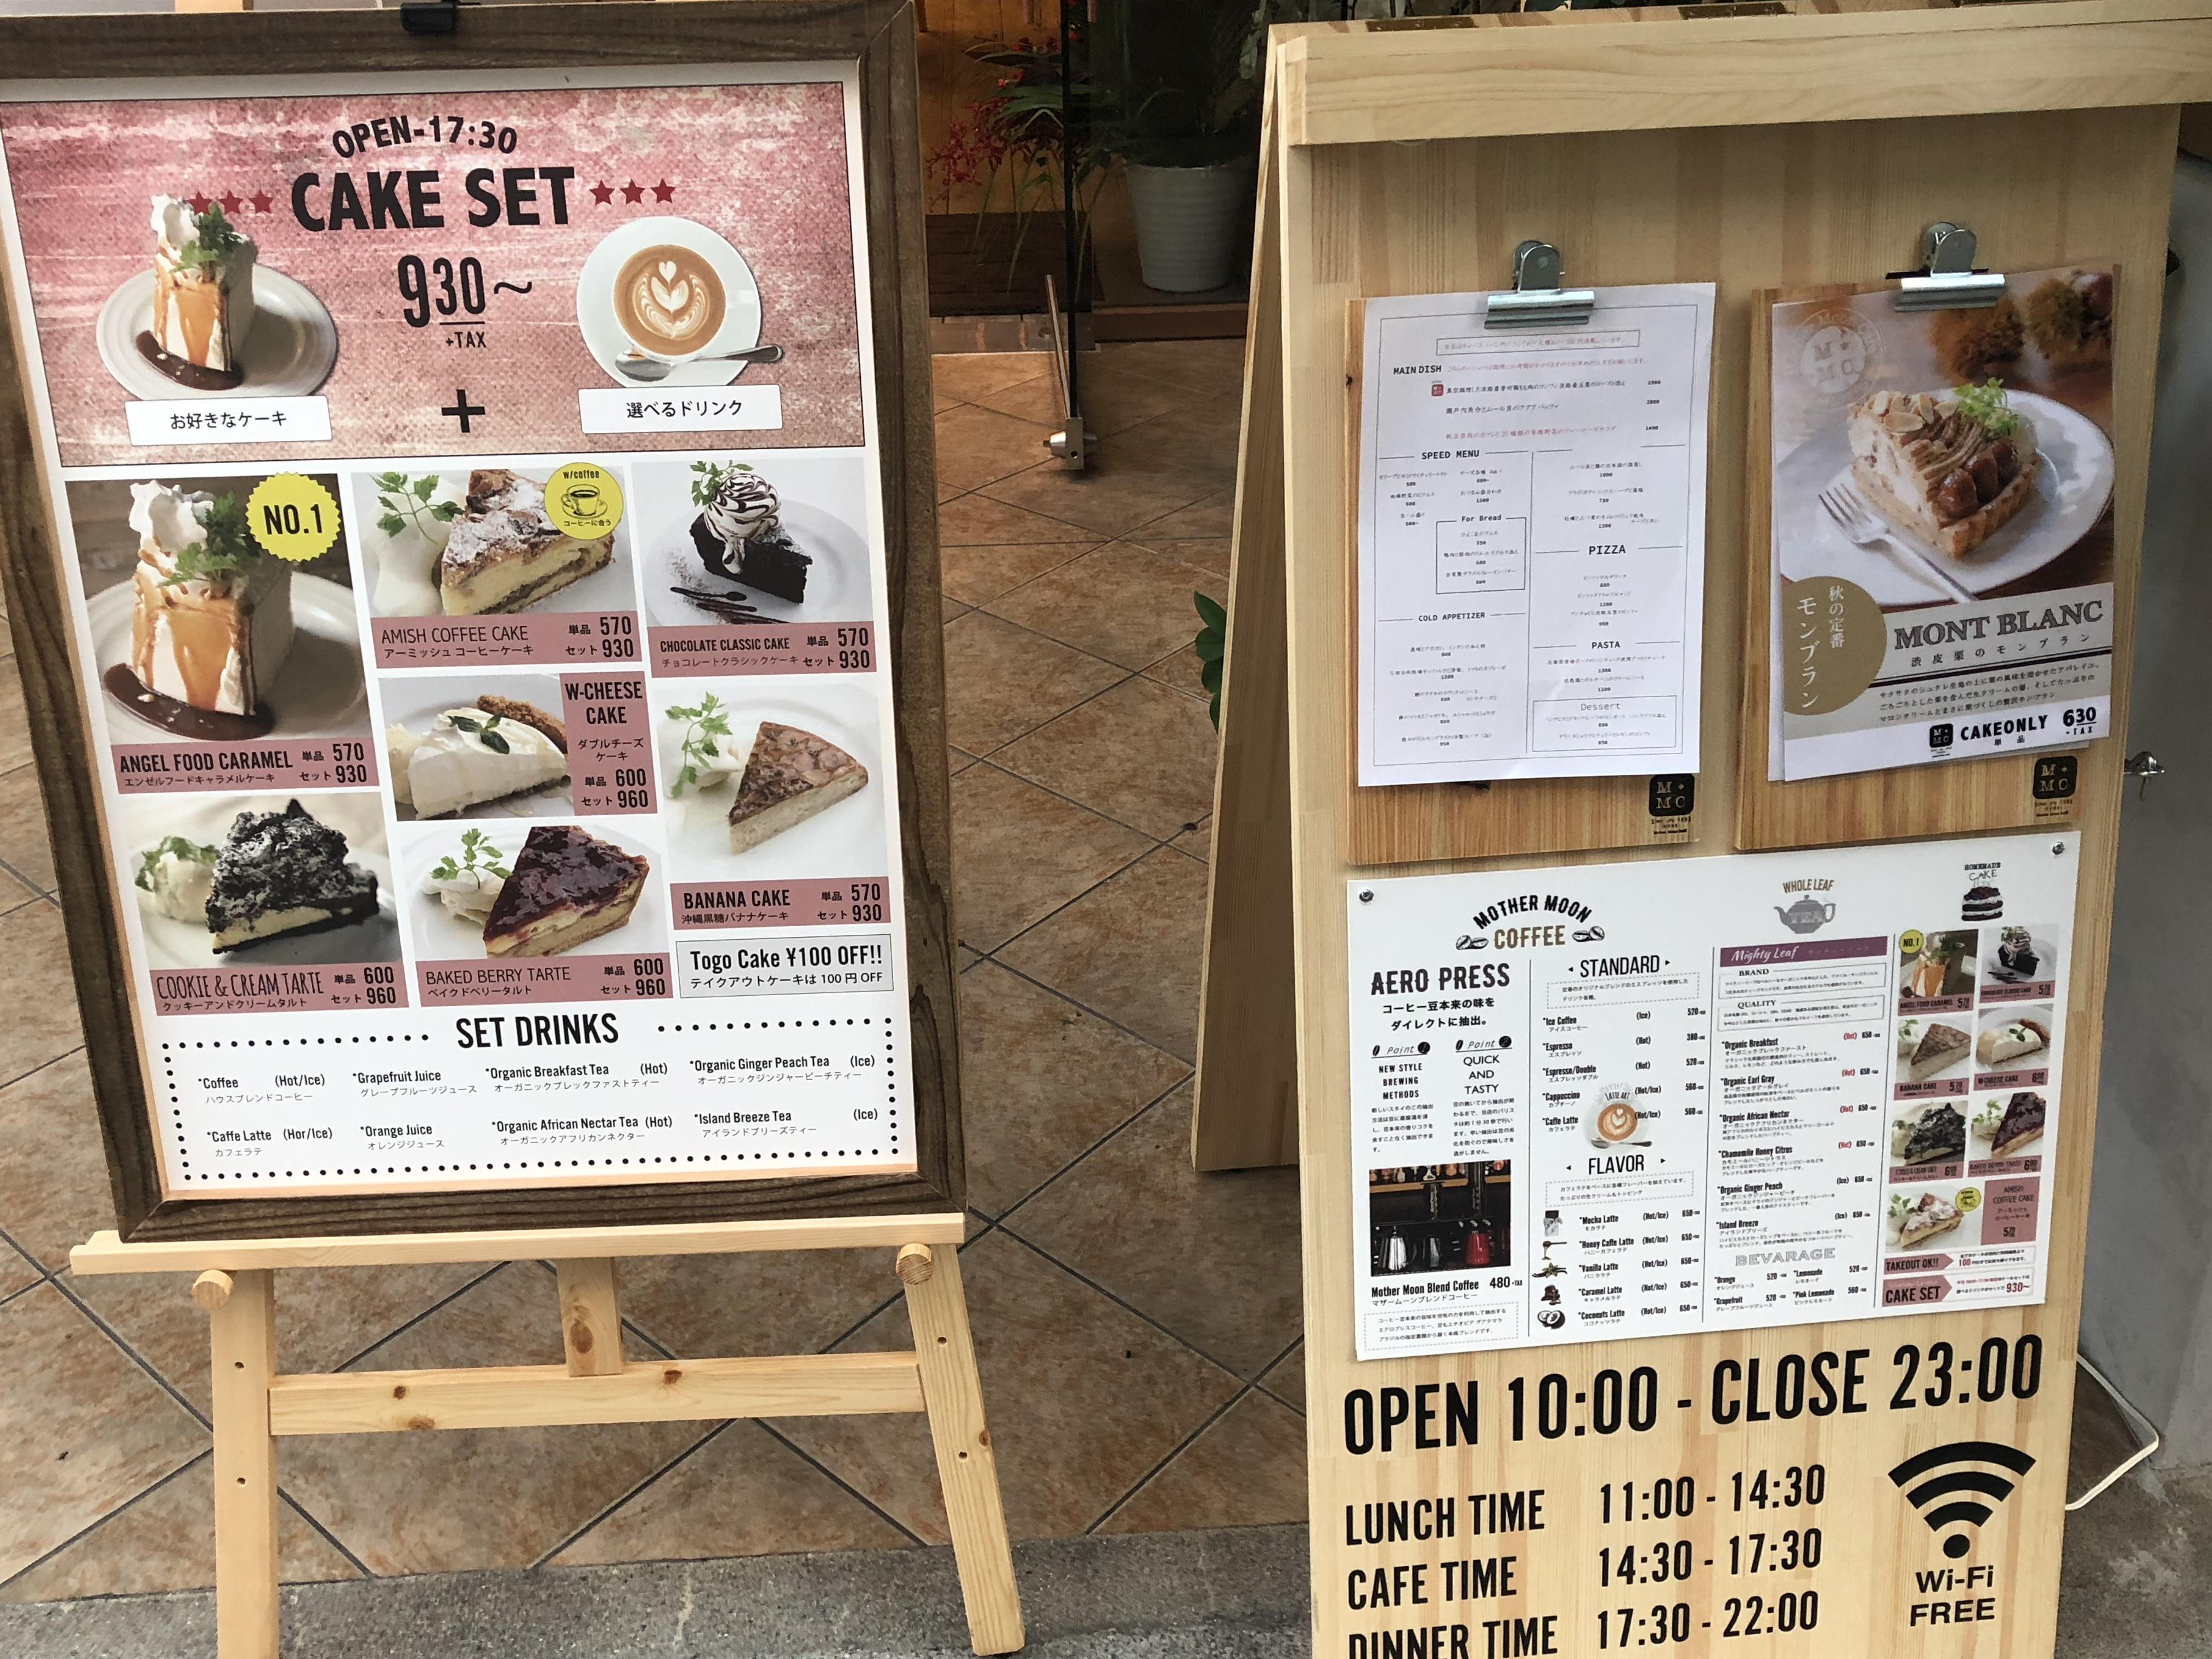 神戸・住吉に「マザームーンカフェ」の新店舗がオープンしたので行ってみた! #マザームーンカフェ